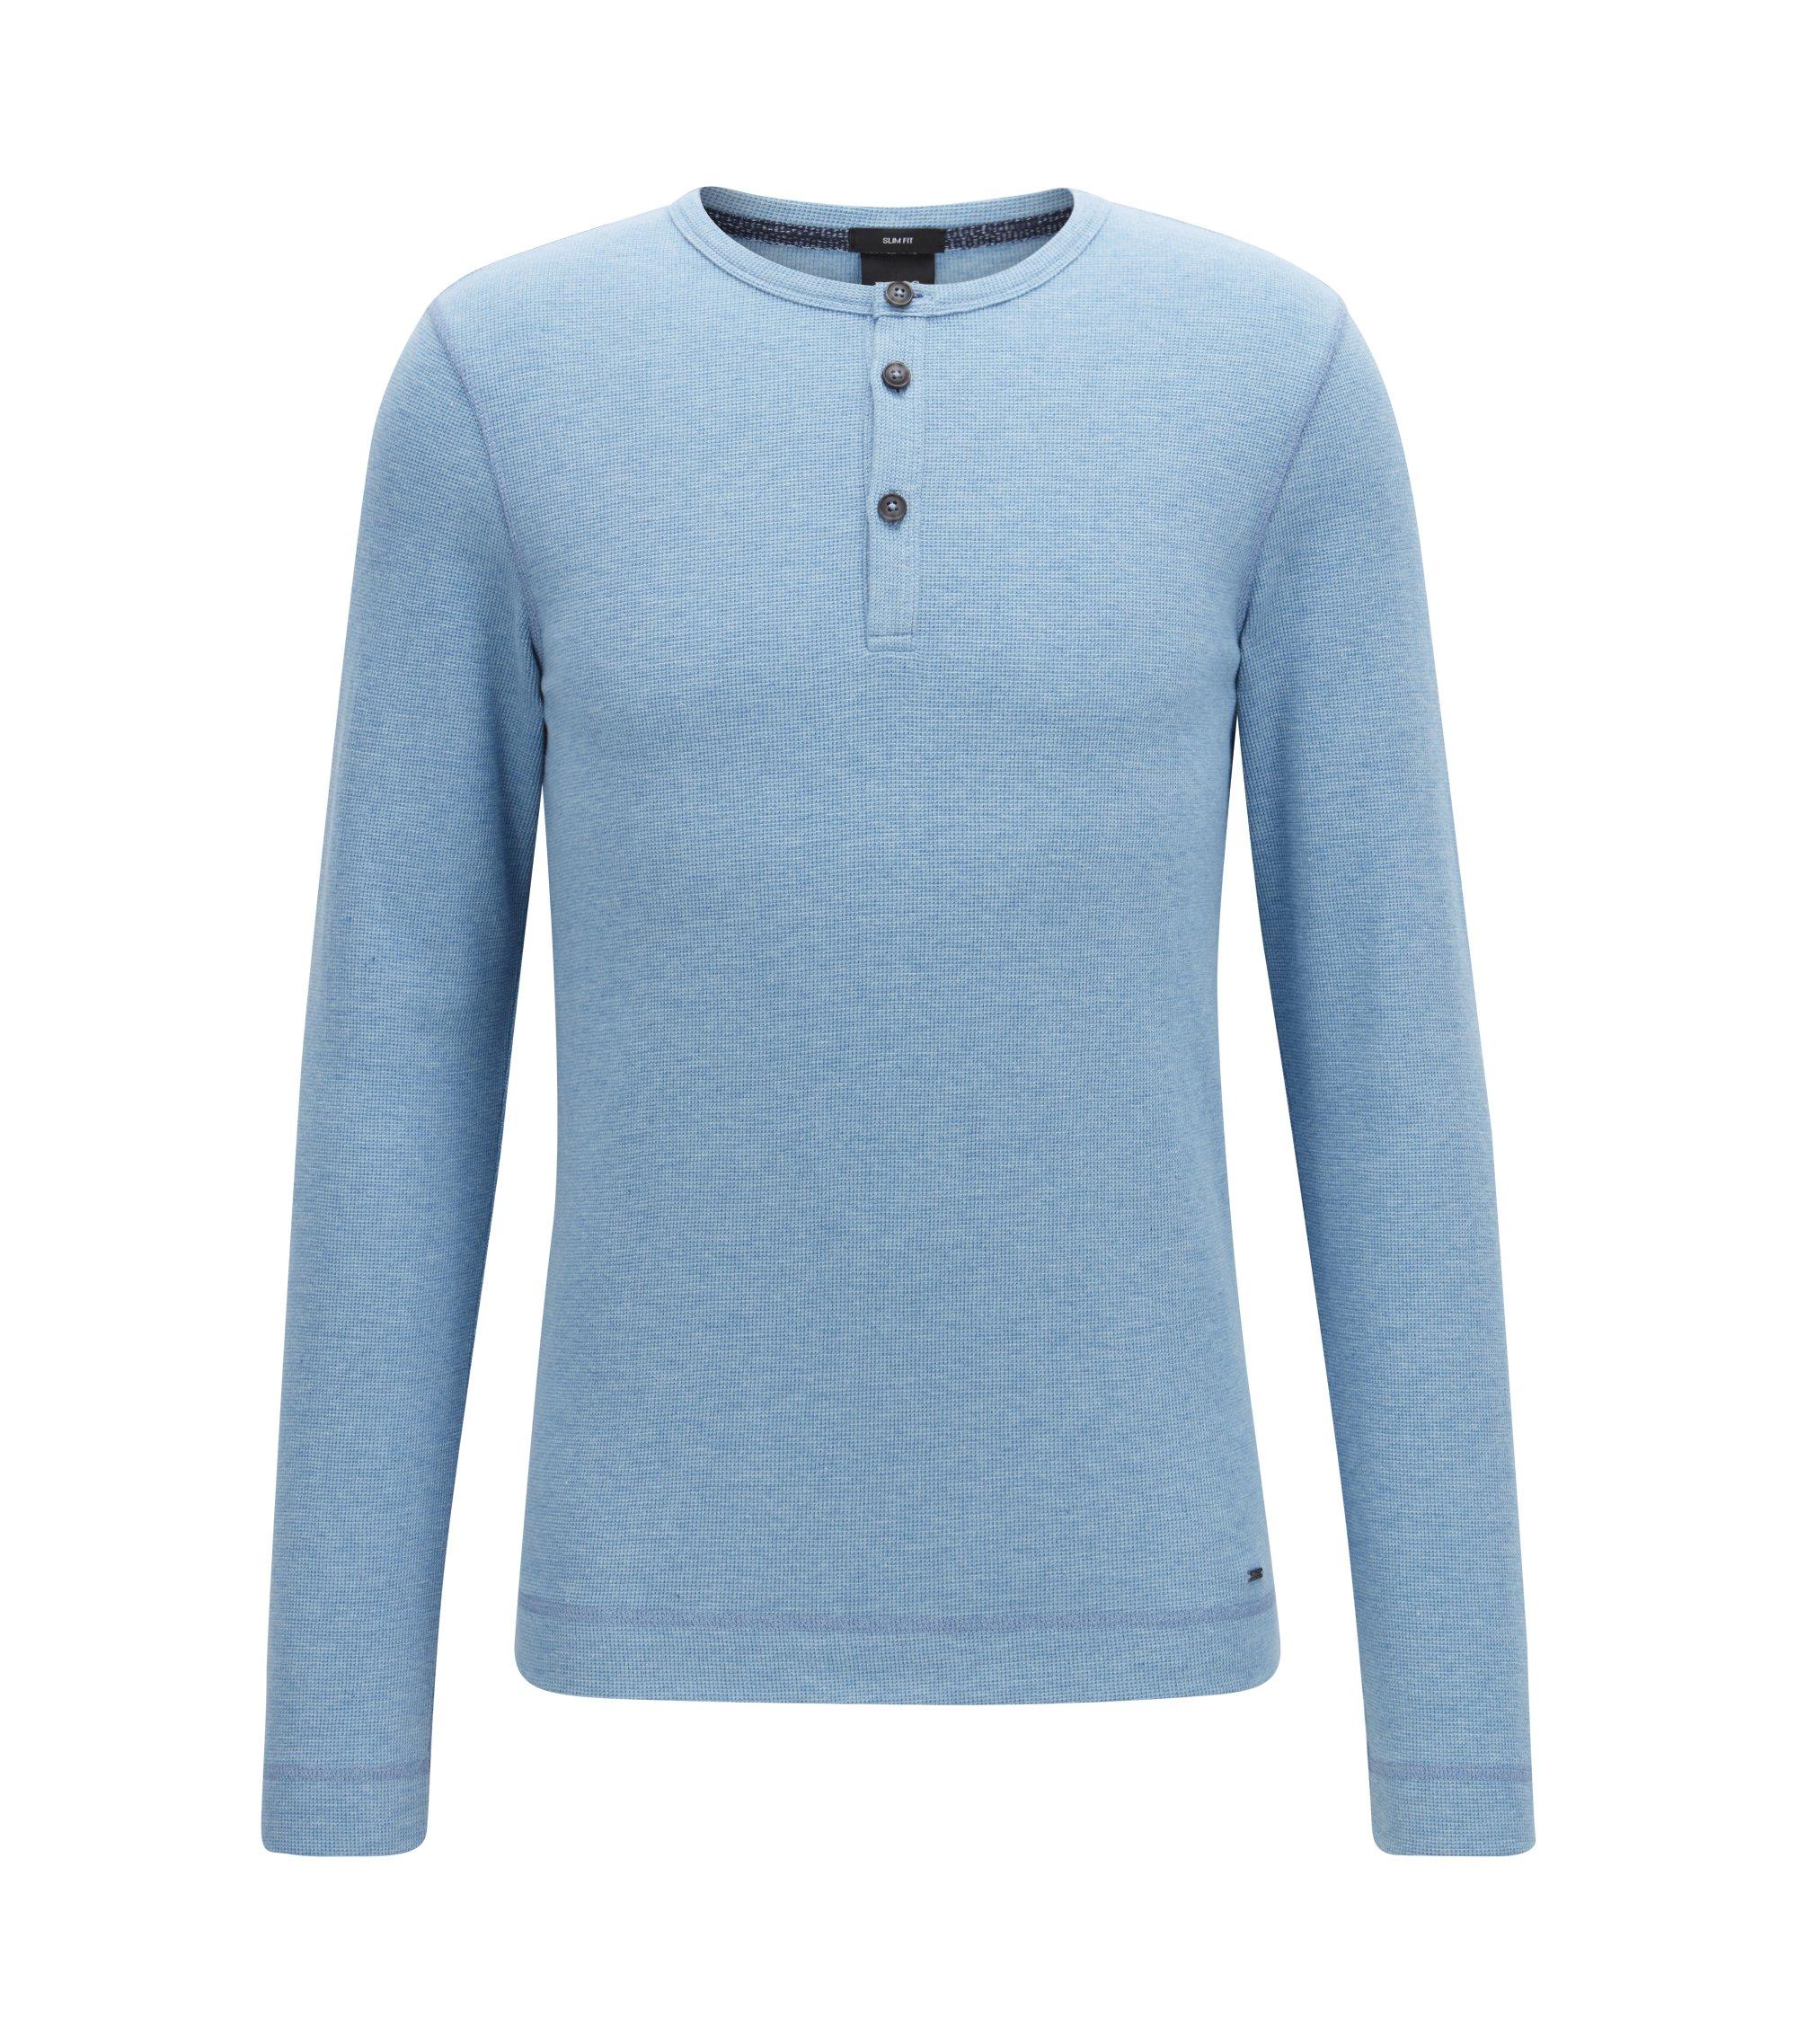 Longsleeve aus melierter Baumwolle mit Henley-Ausschnitt und Waffel-Struktur, Hellblau